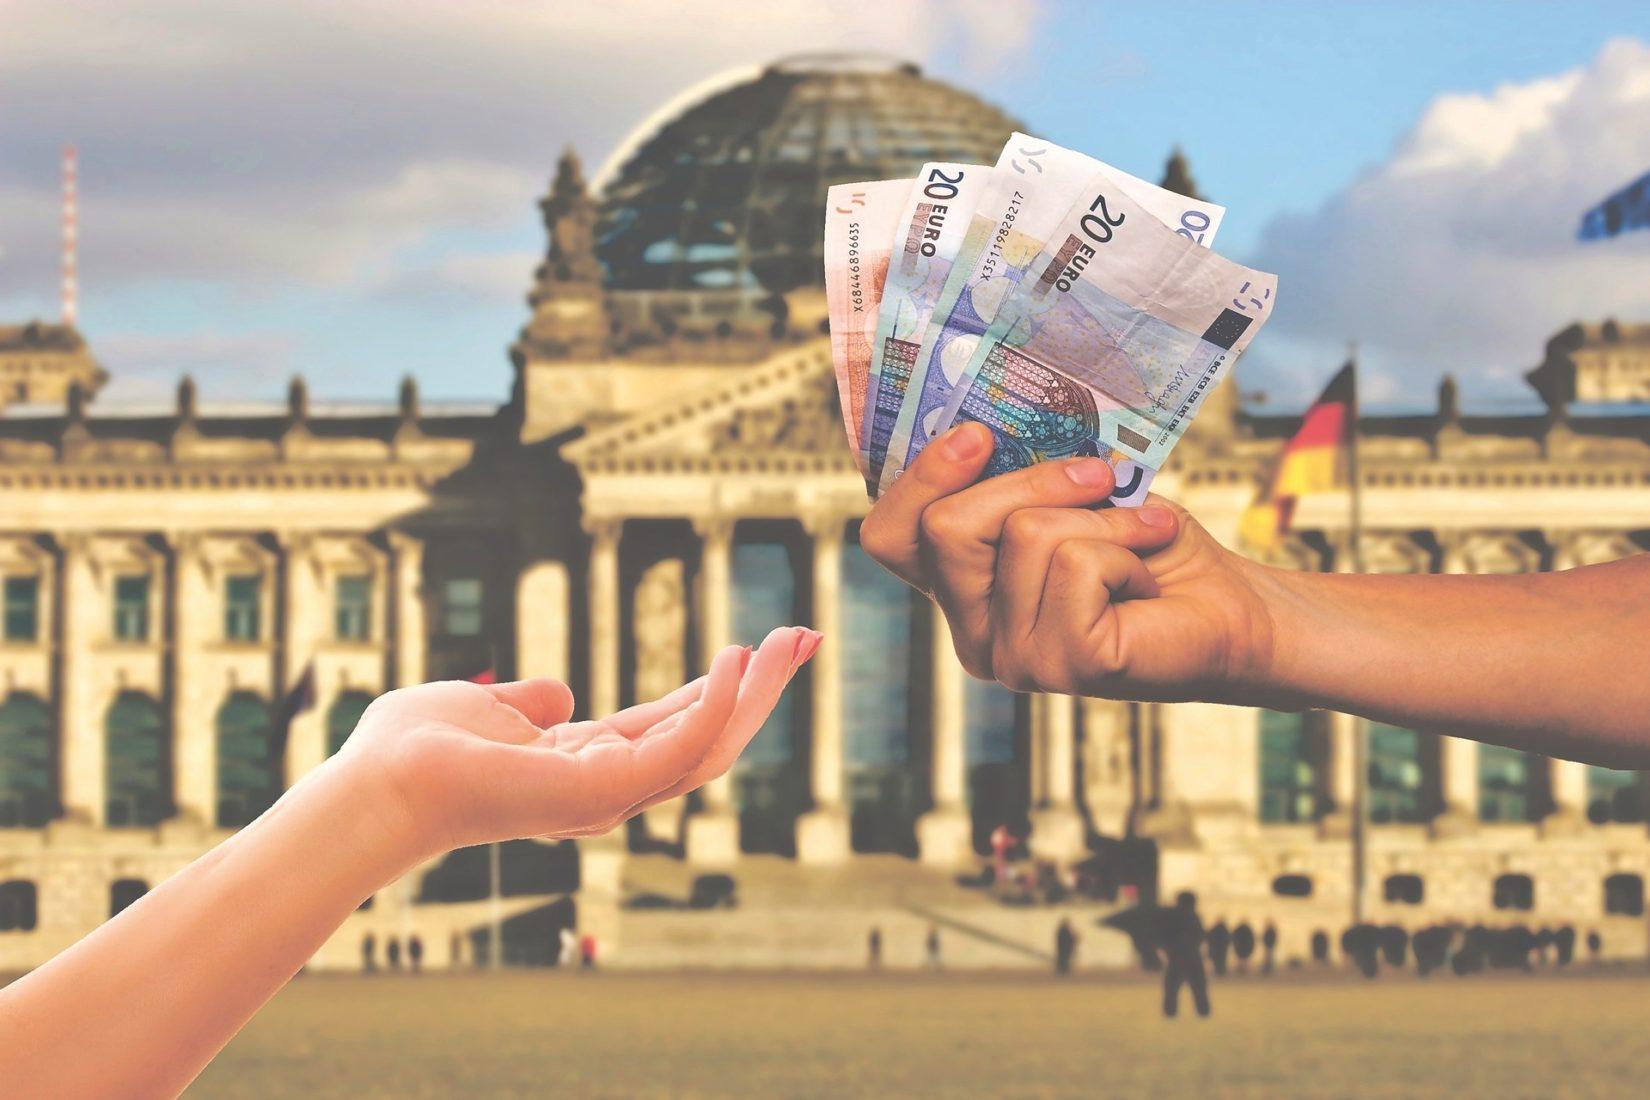 Der Bundestag hat die Leistungen der Berufsausbildungsbeihilfe erhöht. Foto: Pixabay